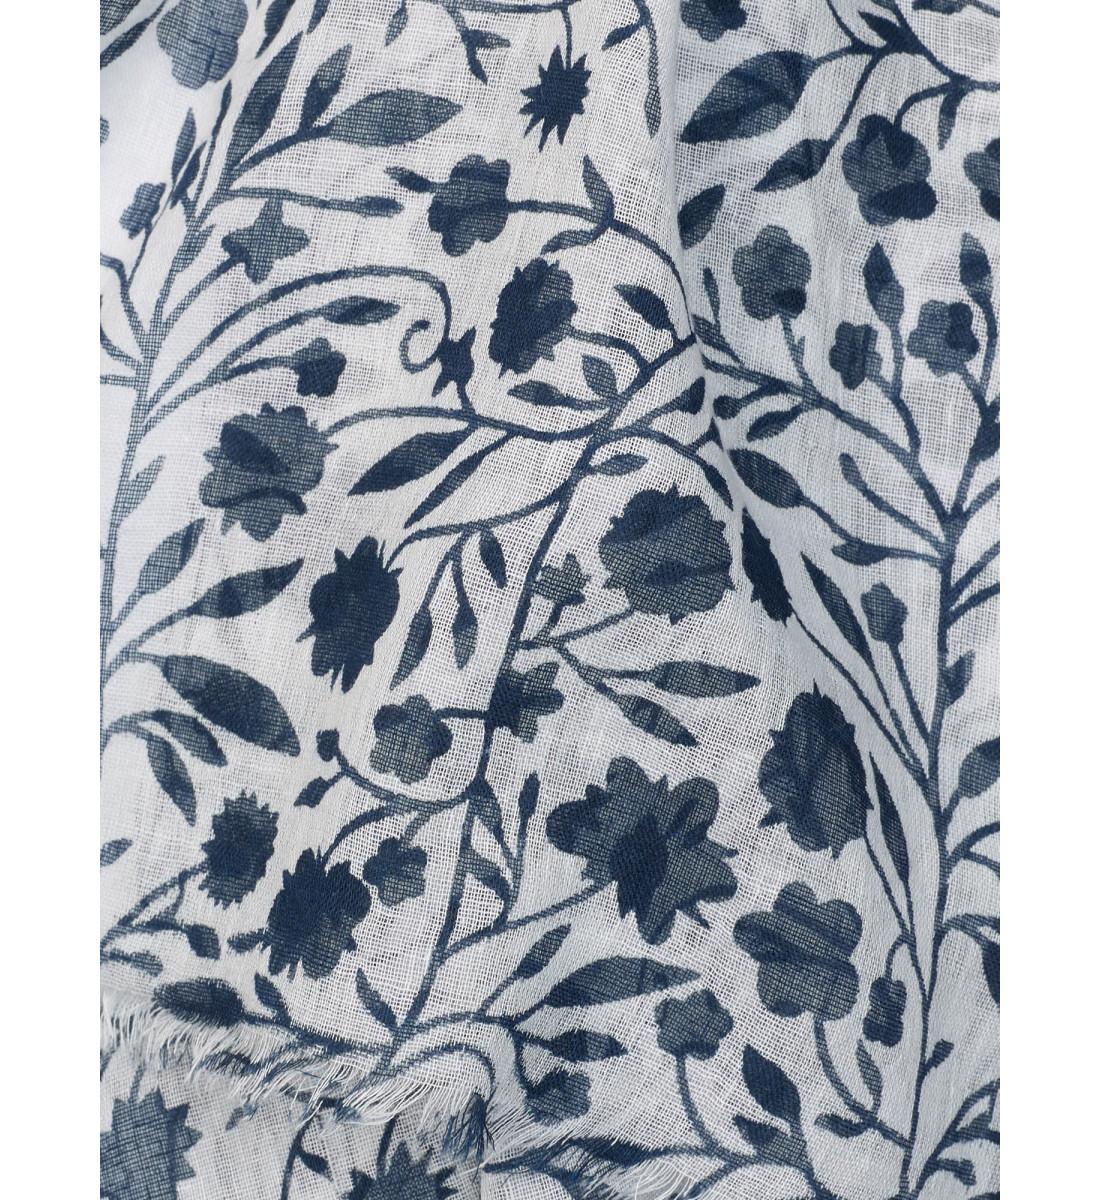 Echarpe fantaisie imprimé floral